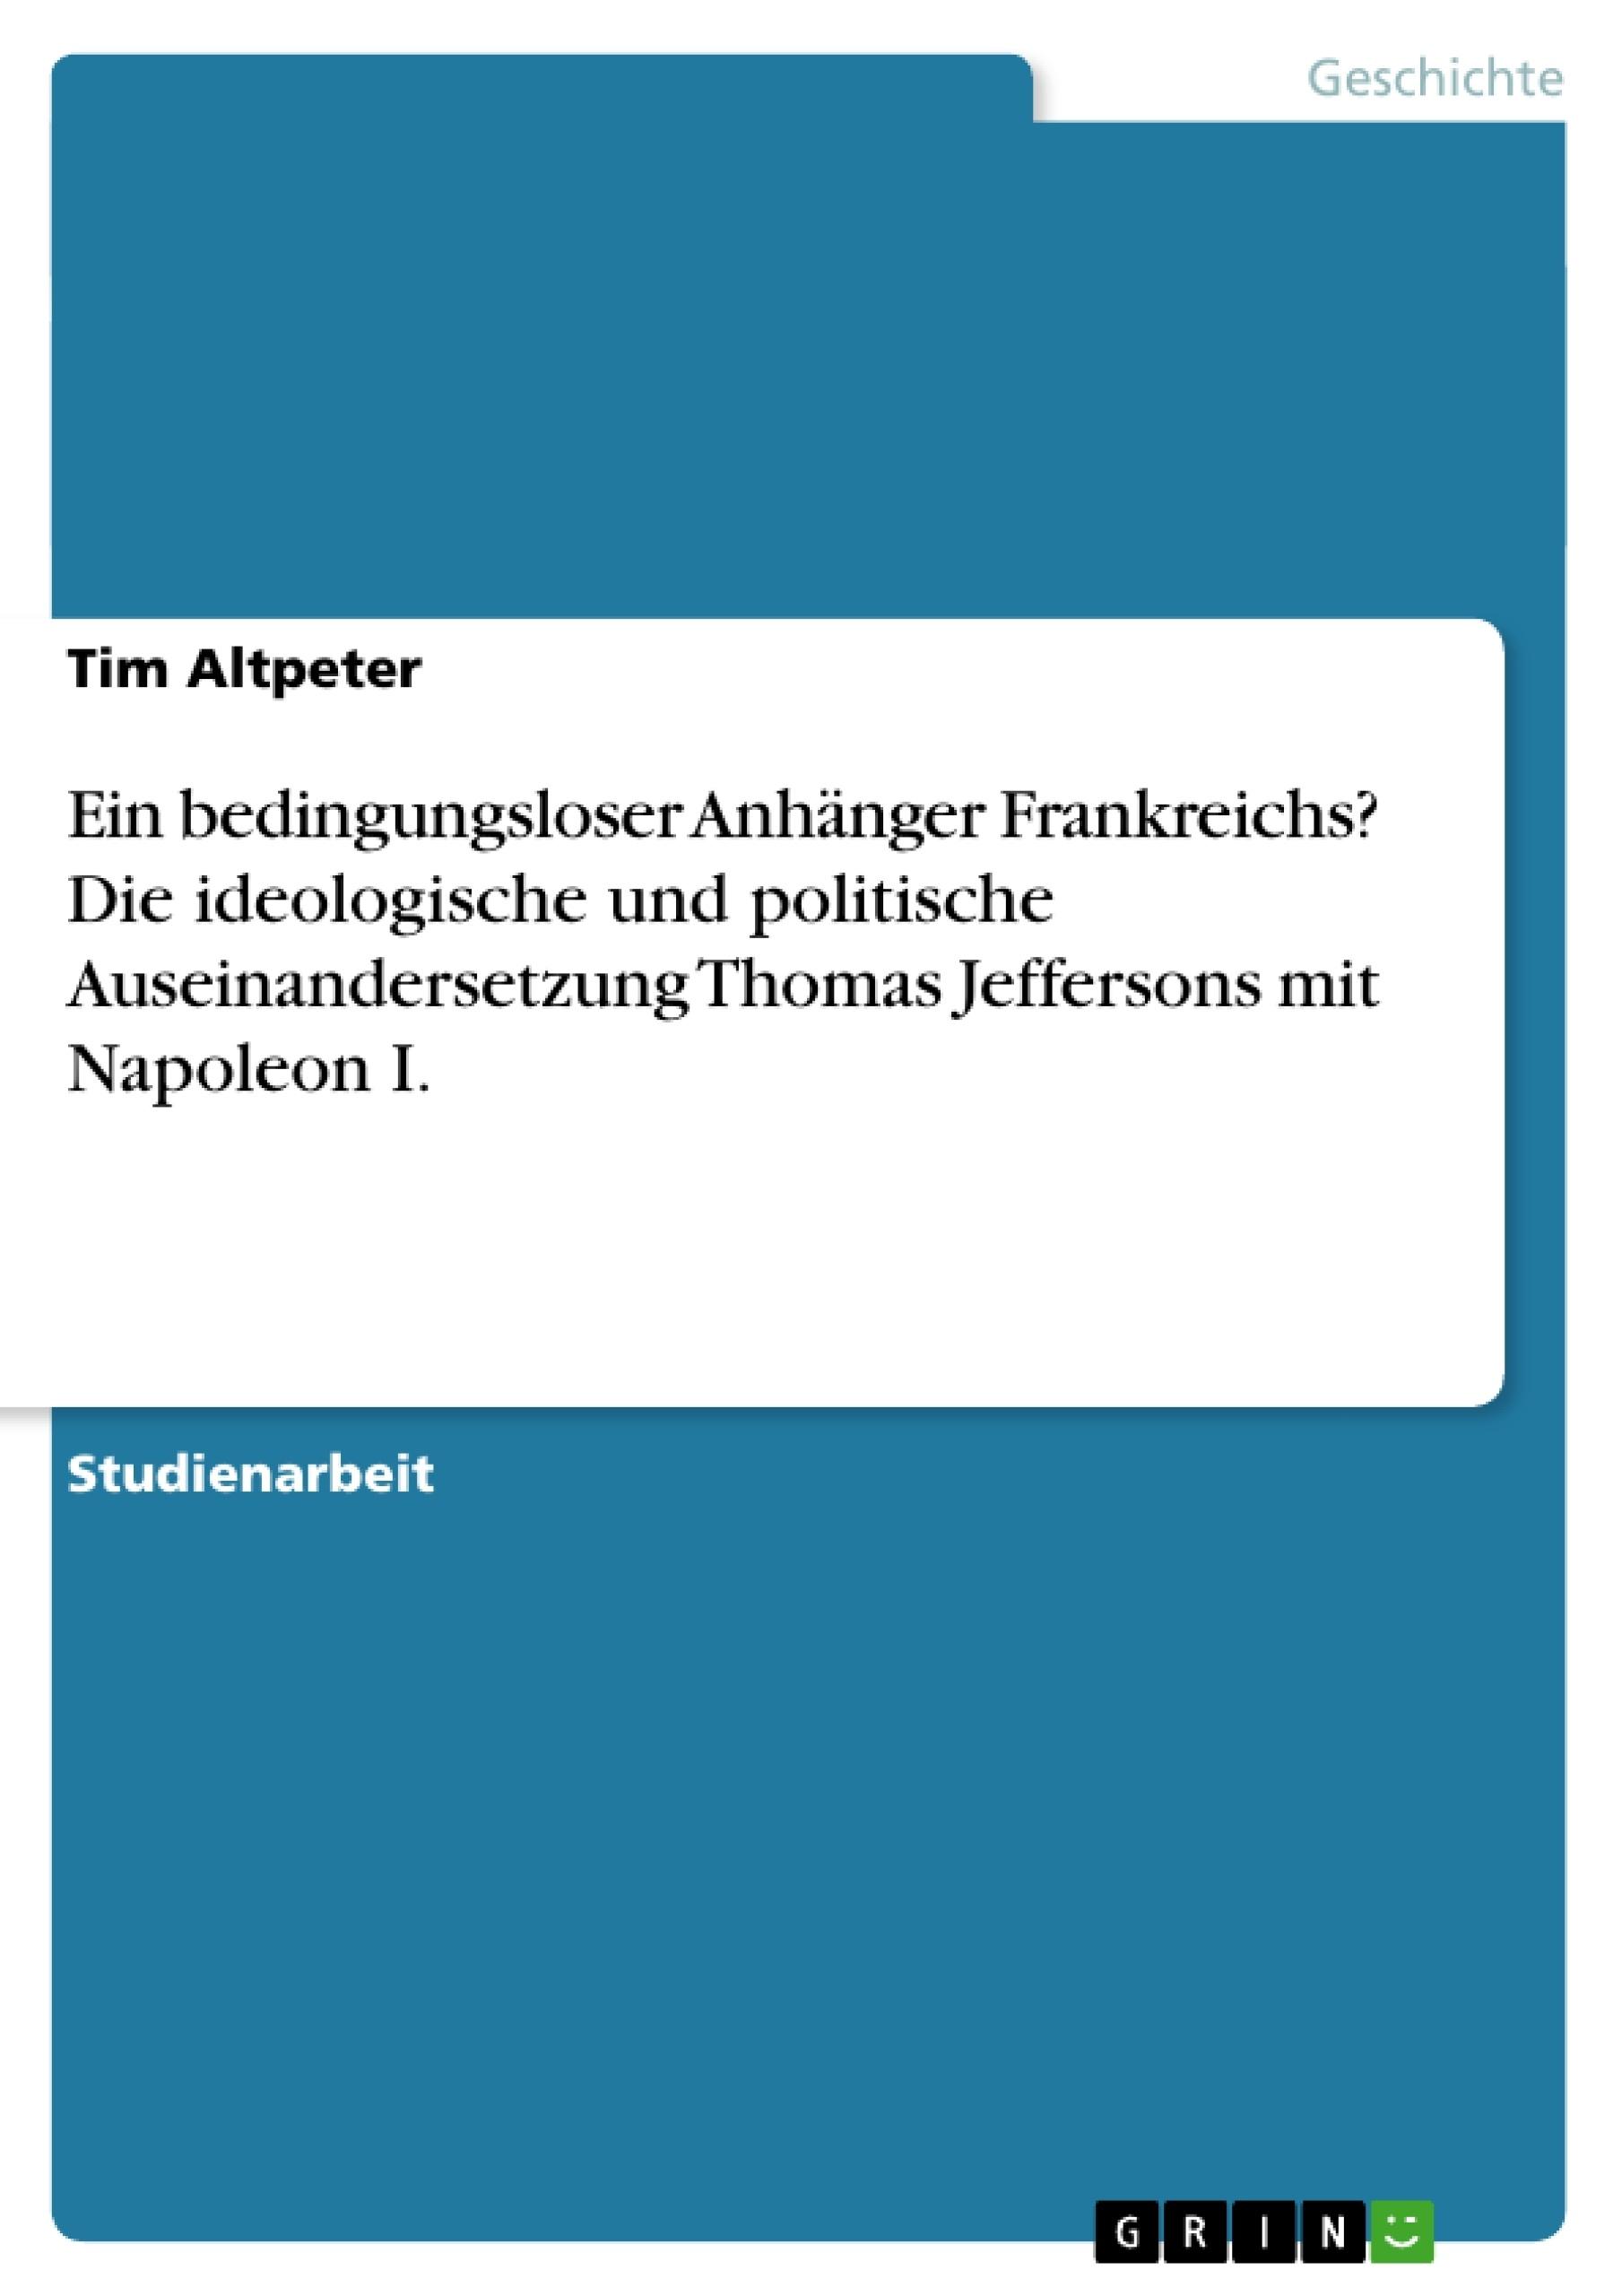 Titel: Ein bedingungsloser Anhänger Frankreichs? Die ideologische und politische Auseinandersetzung Thomas Jeffersons mit Napoleon I.